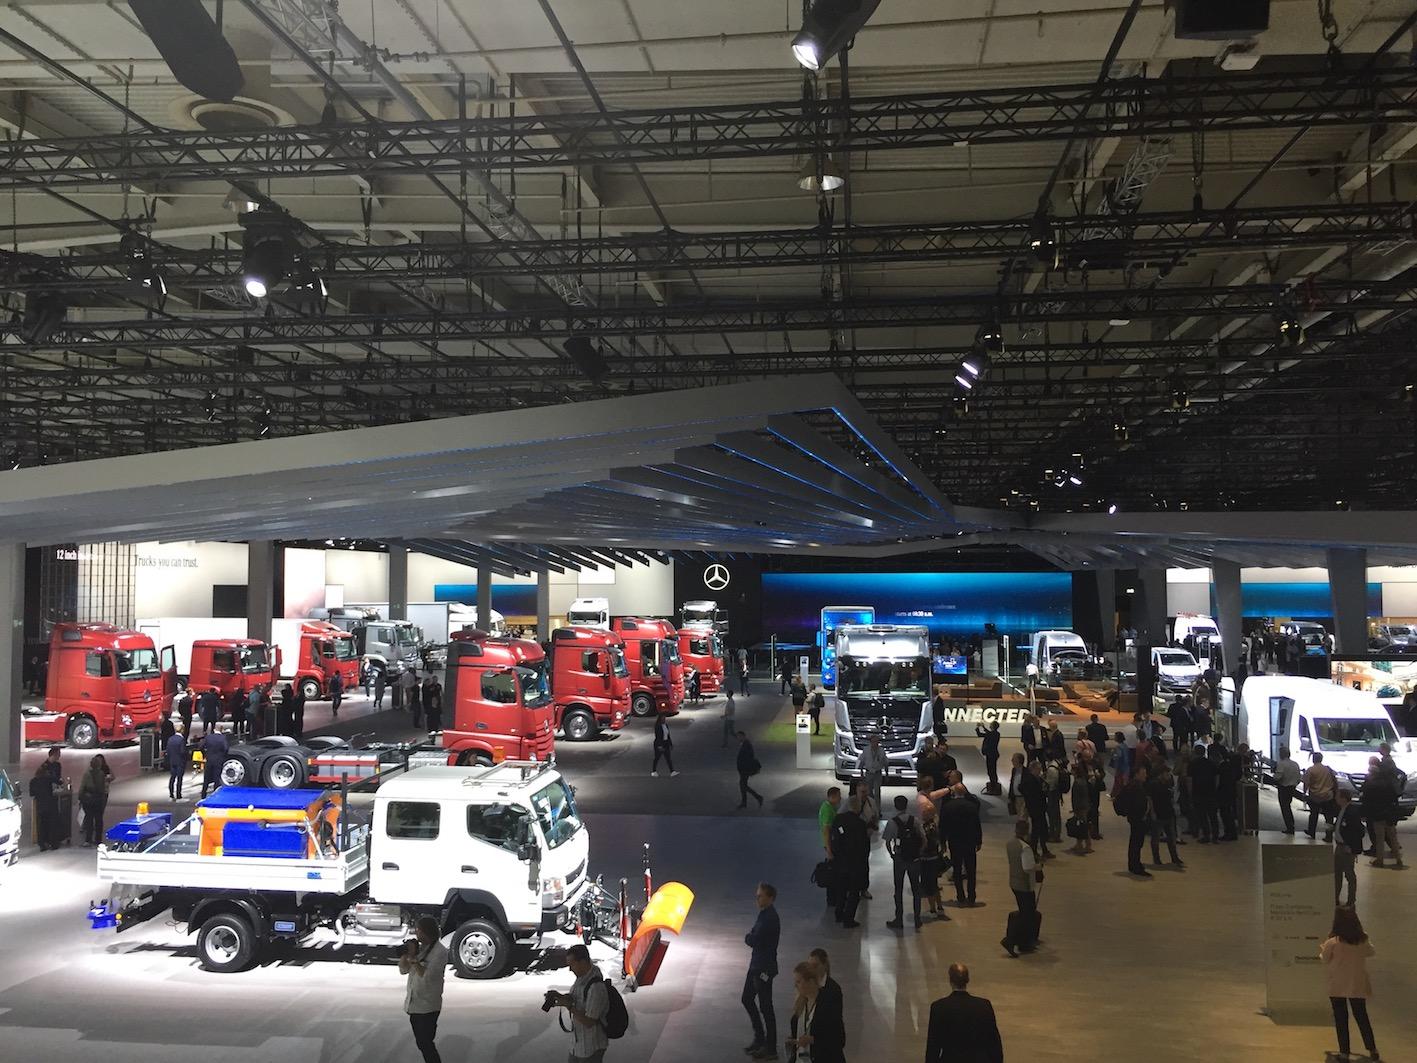 Un hall entier pour le stand Mercedes, avec ses camions, mais aussi les vans et les bus/cars